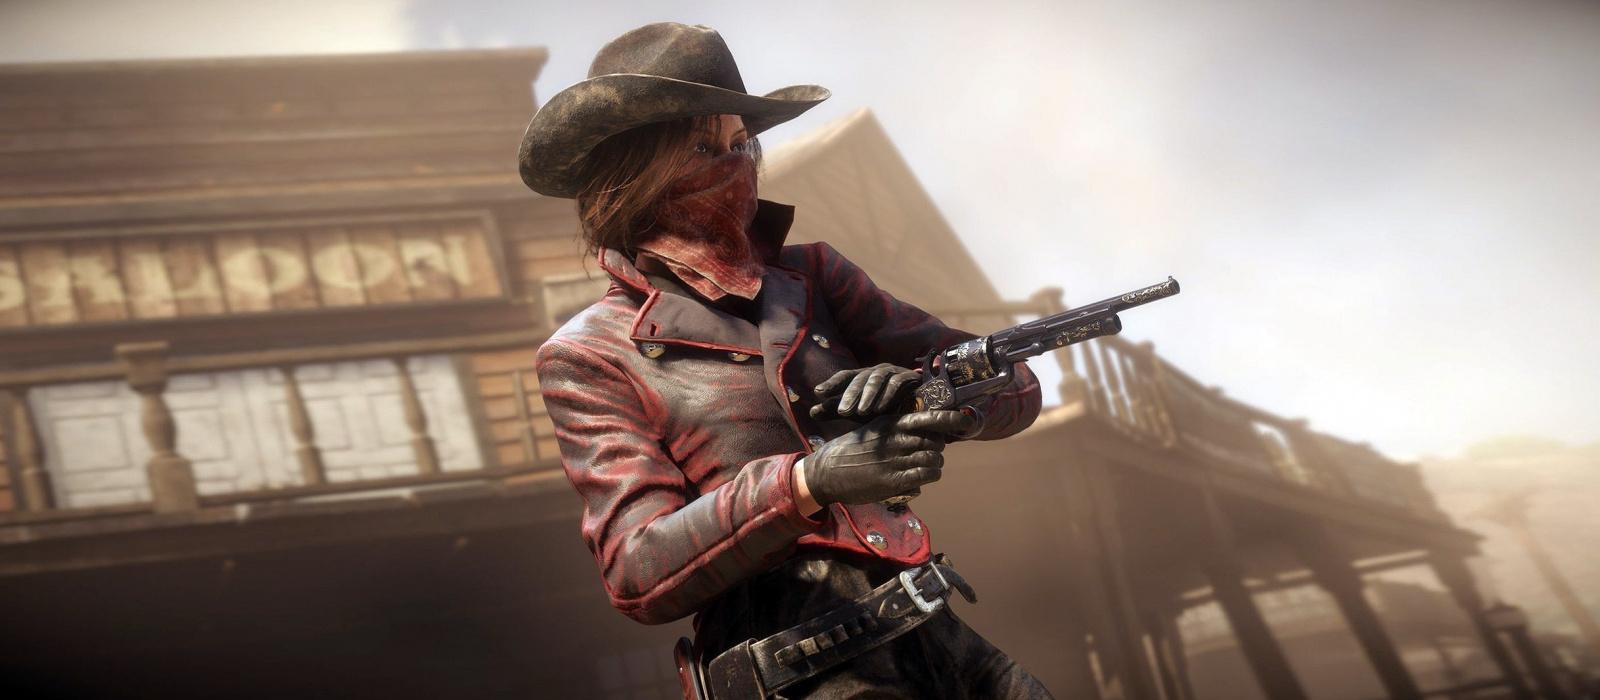 Die Screenshots zeigten die Charaktere, die aus Red Dead Redemption 2 herausgeschnitten wurden